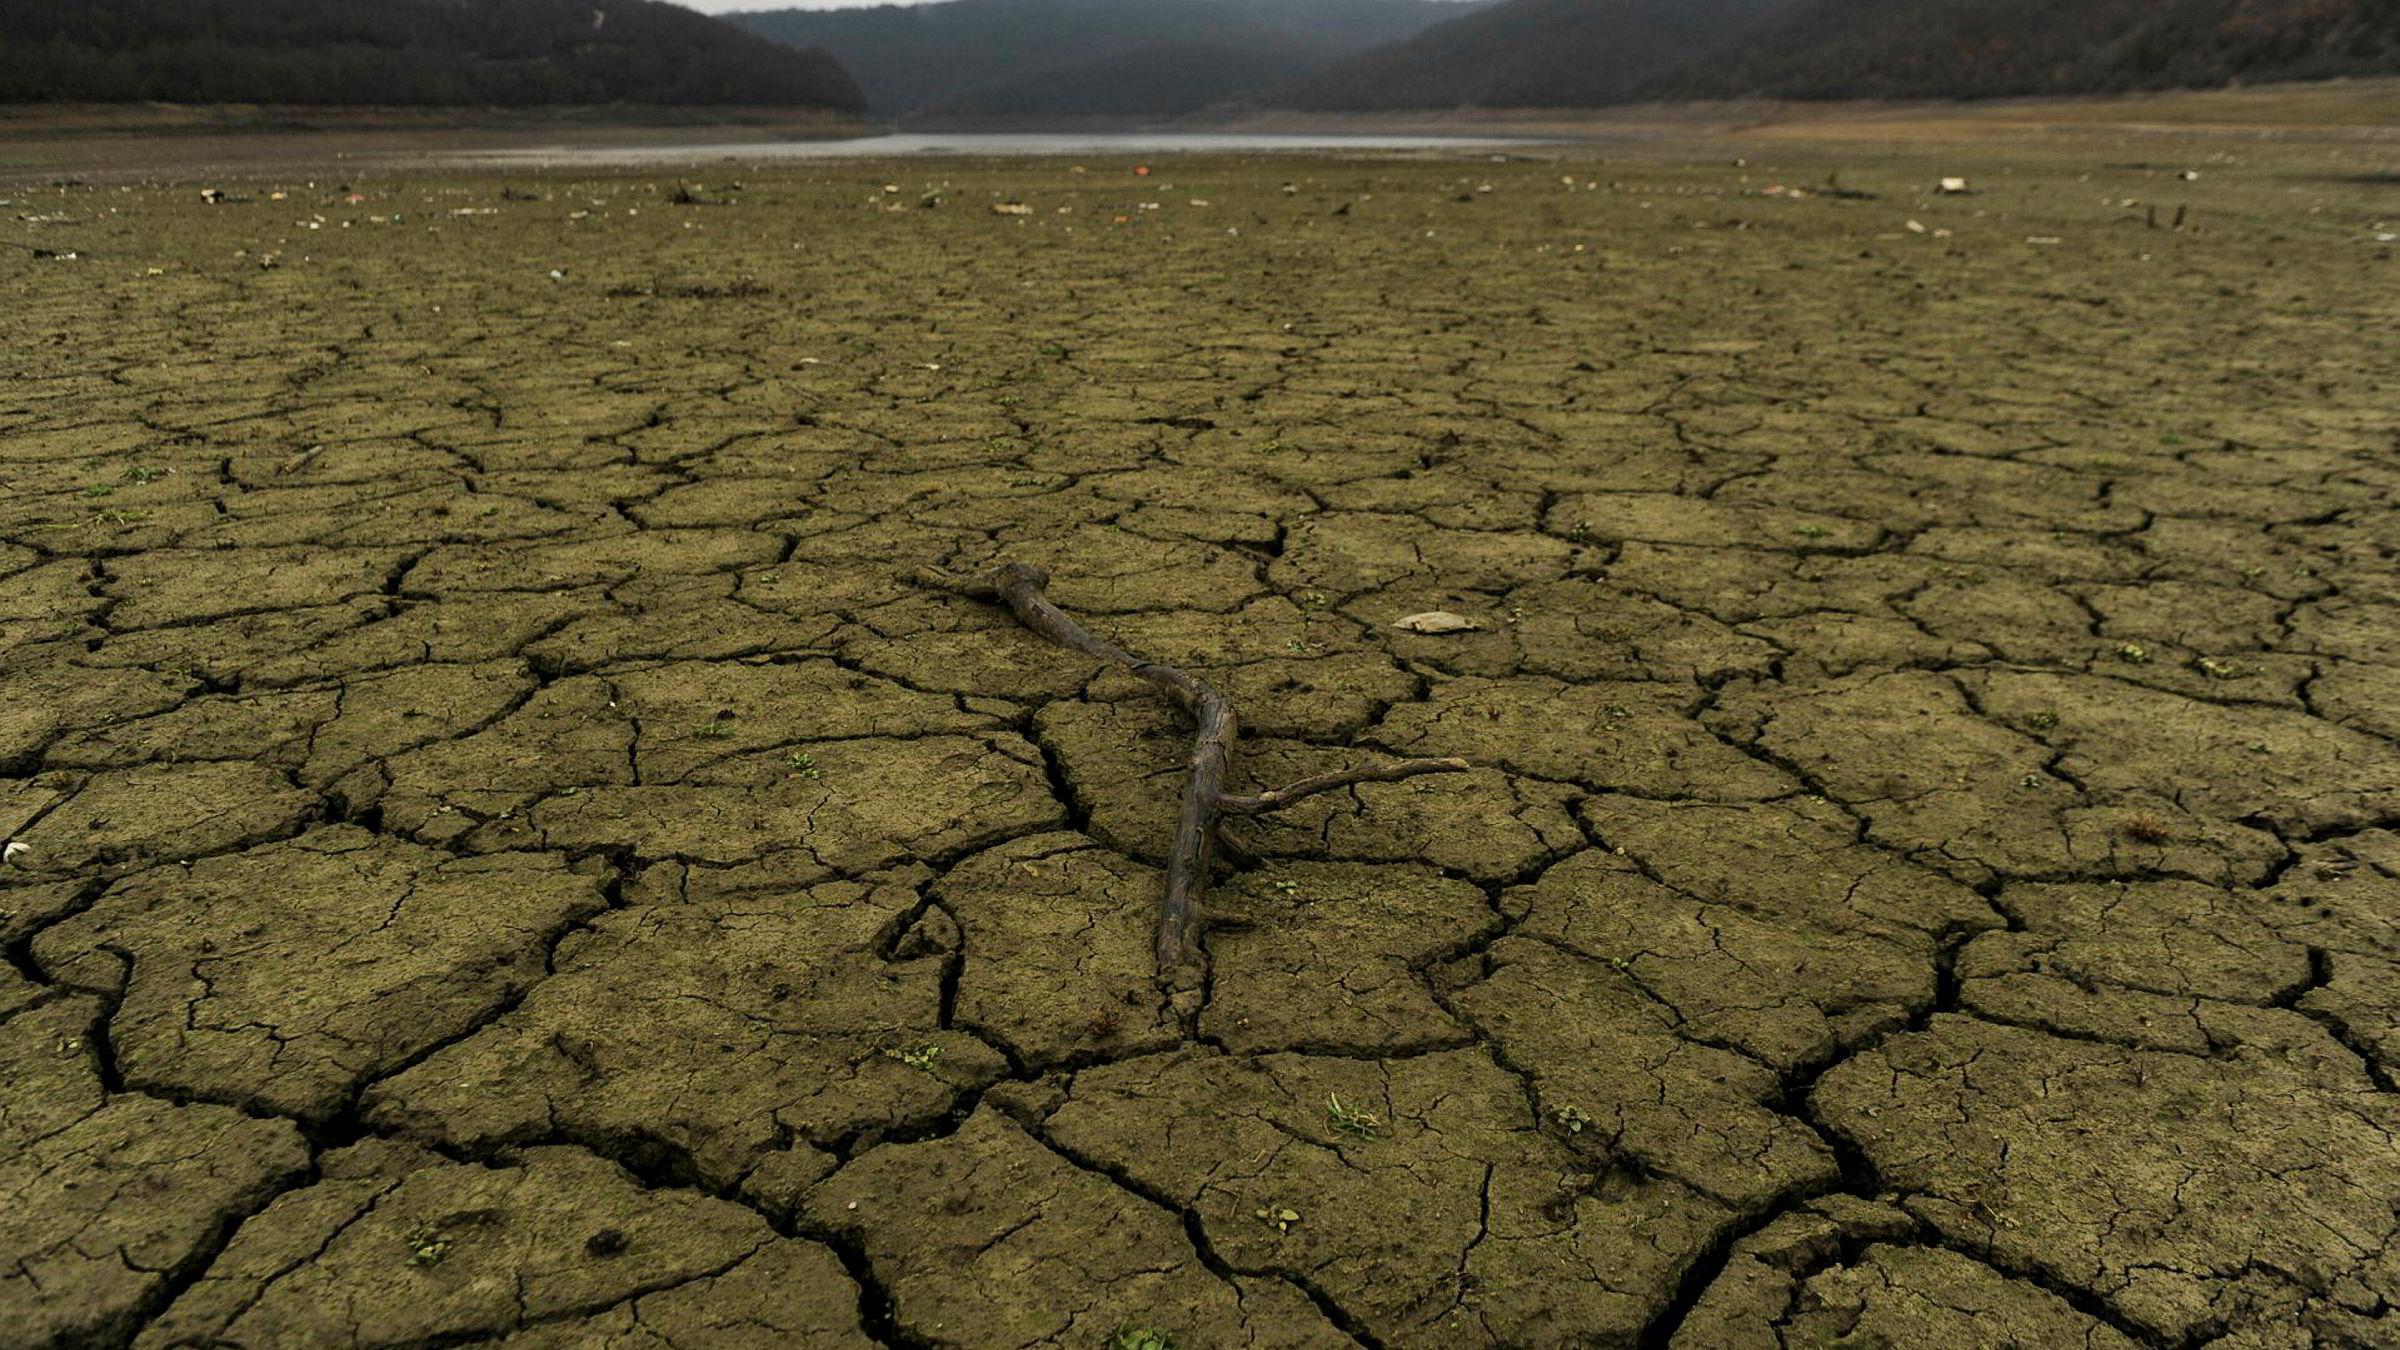 Stadig flere bevis om pågående klimaendringer «tikker inn». Bildet viser Badovc-sjøen der vannstanden er falt dramatisk.